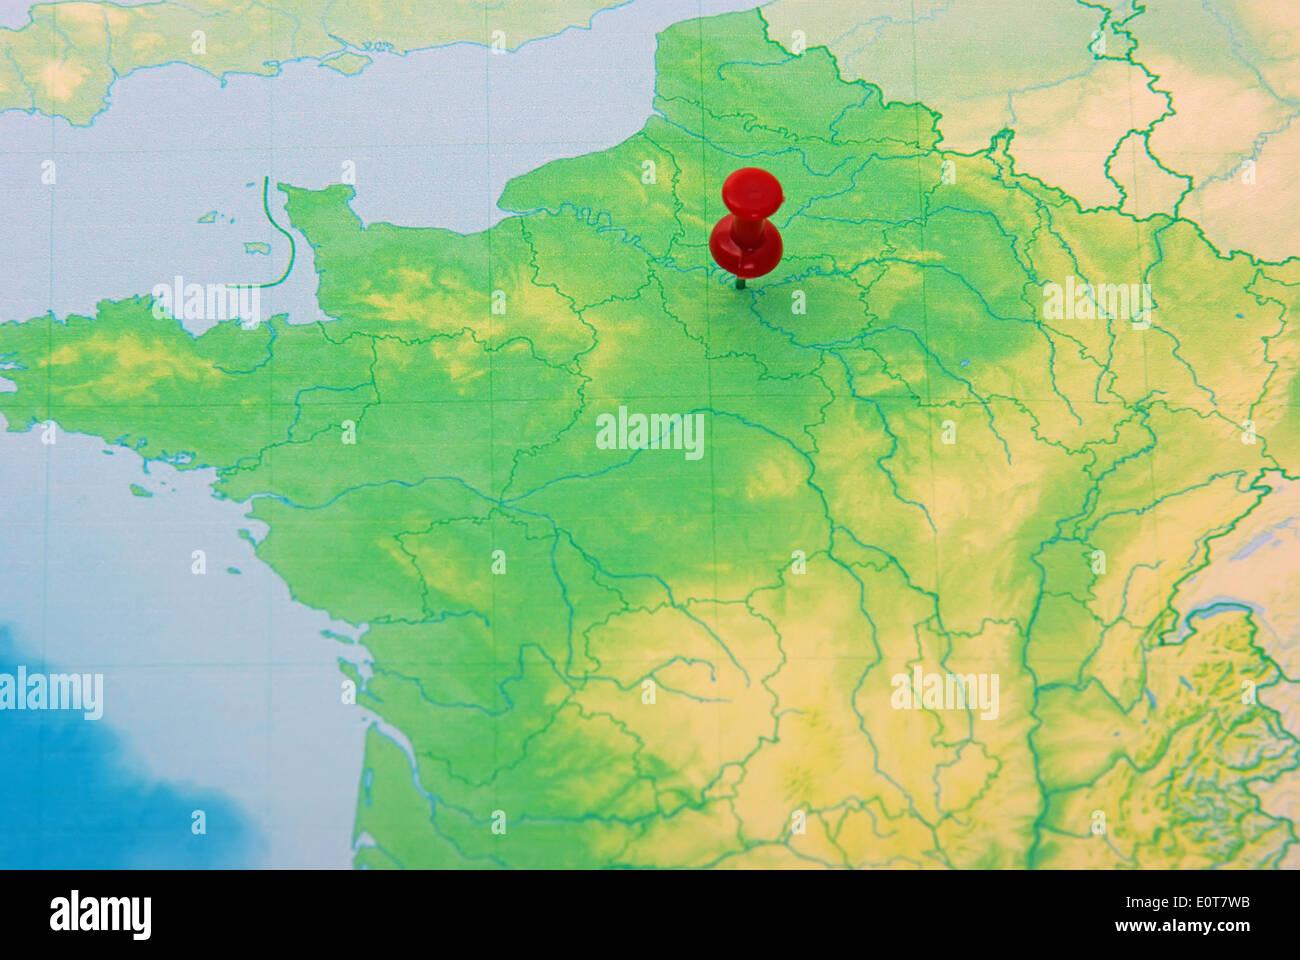 Map City Paris Map Pin Stock Photos & Map City Paris Map Pin Stock ...